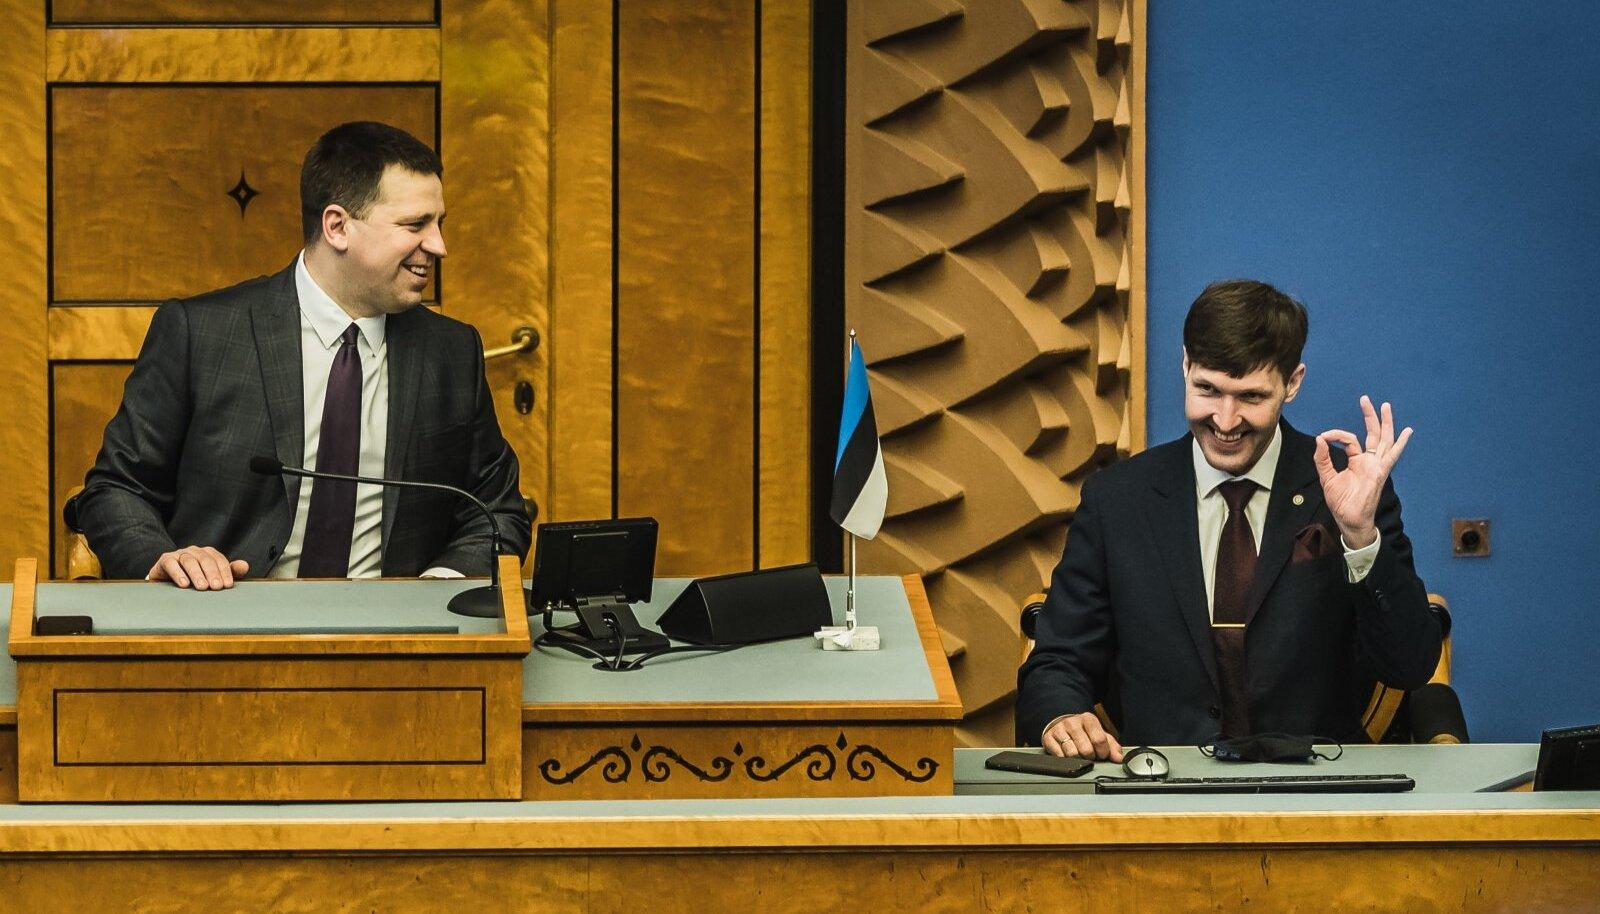 HEA TUJU: Jüri Ratase peaministriks naasmise võimalus kõigile head tuju ei tekita.